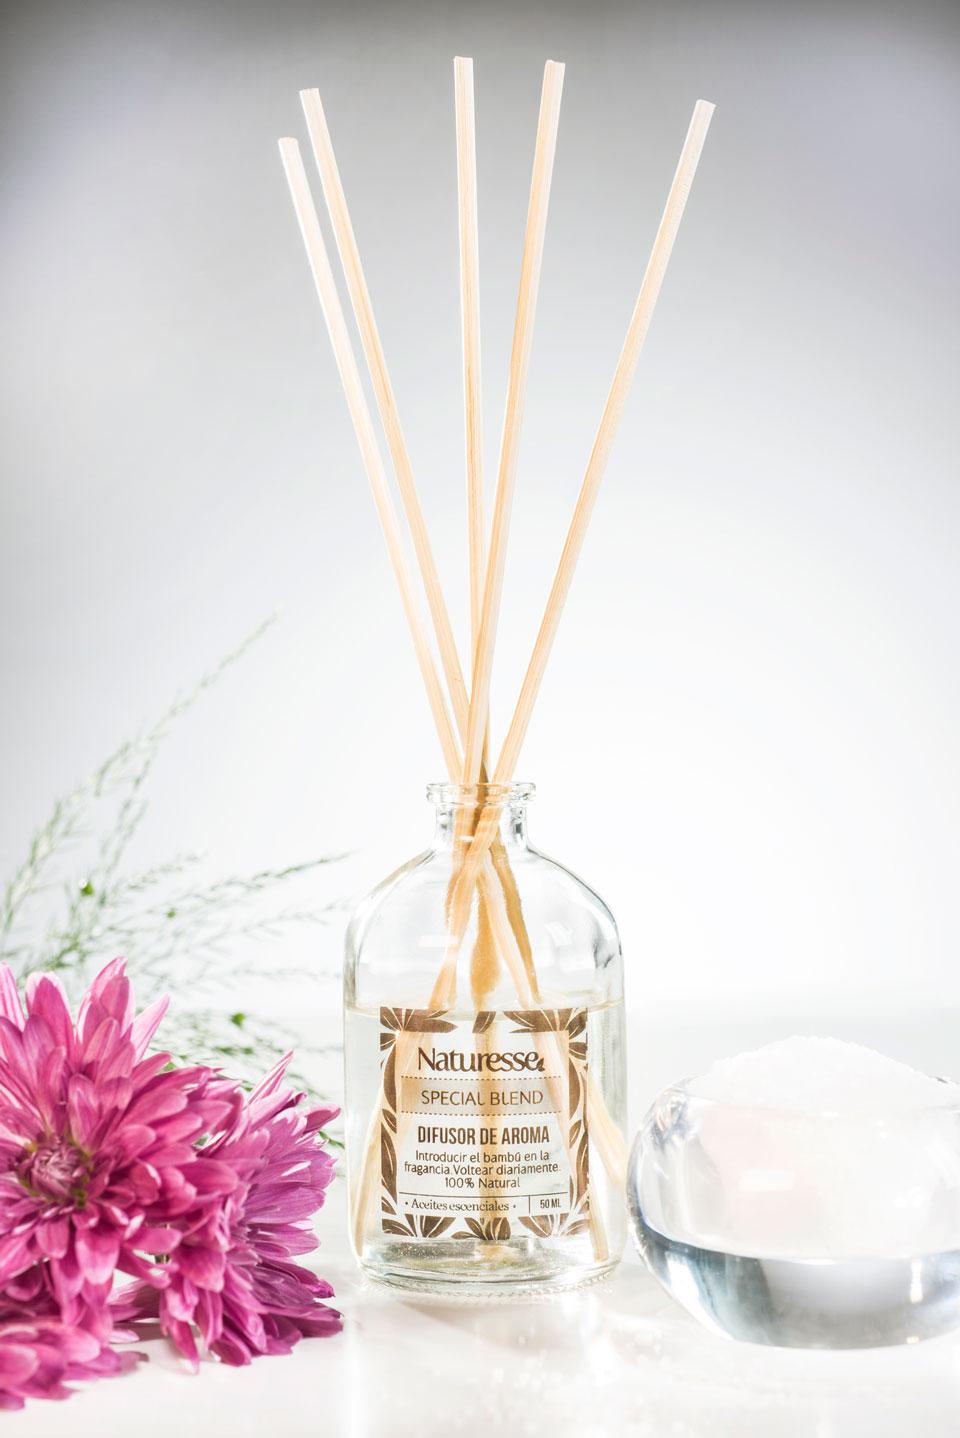 Difusor de aroma  | 50ml | Aroma  Special Blend